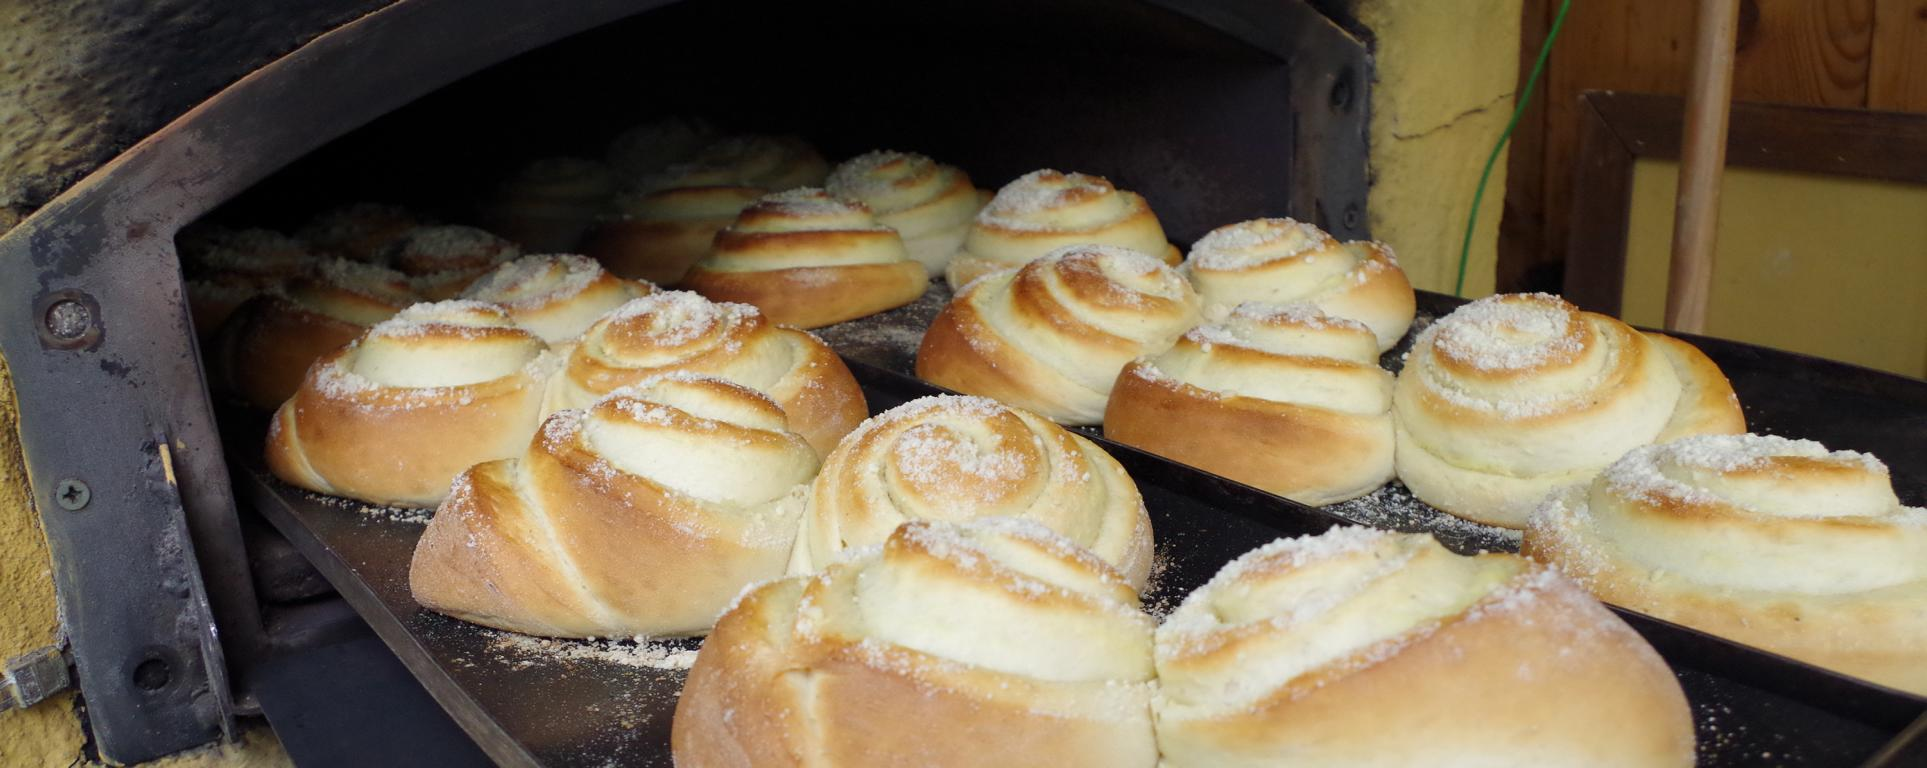 Der Dinnete-Bäcker zieht zwei fertig-gebackene bleche Puddingschnecken aus dem Holzofen